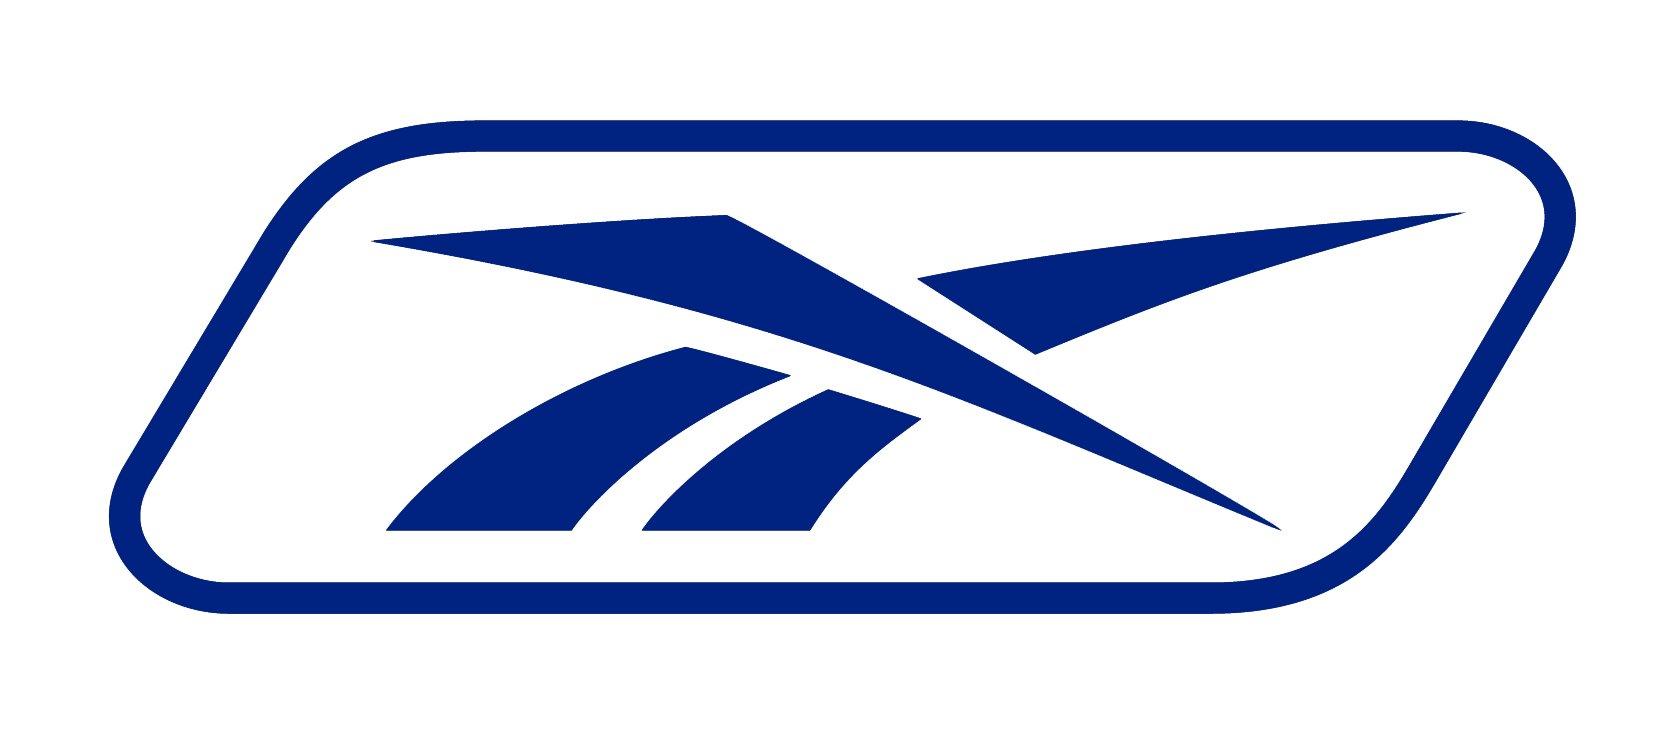 �>��r'��\_某天在天河天娱广场 见到运动品牌r字头的 logo好像是